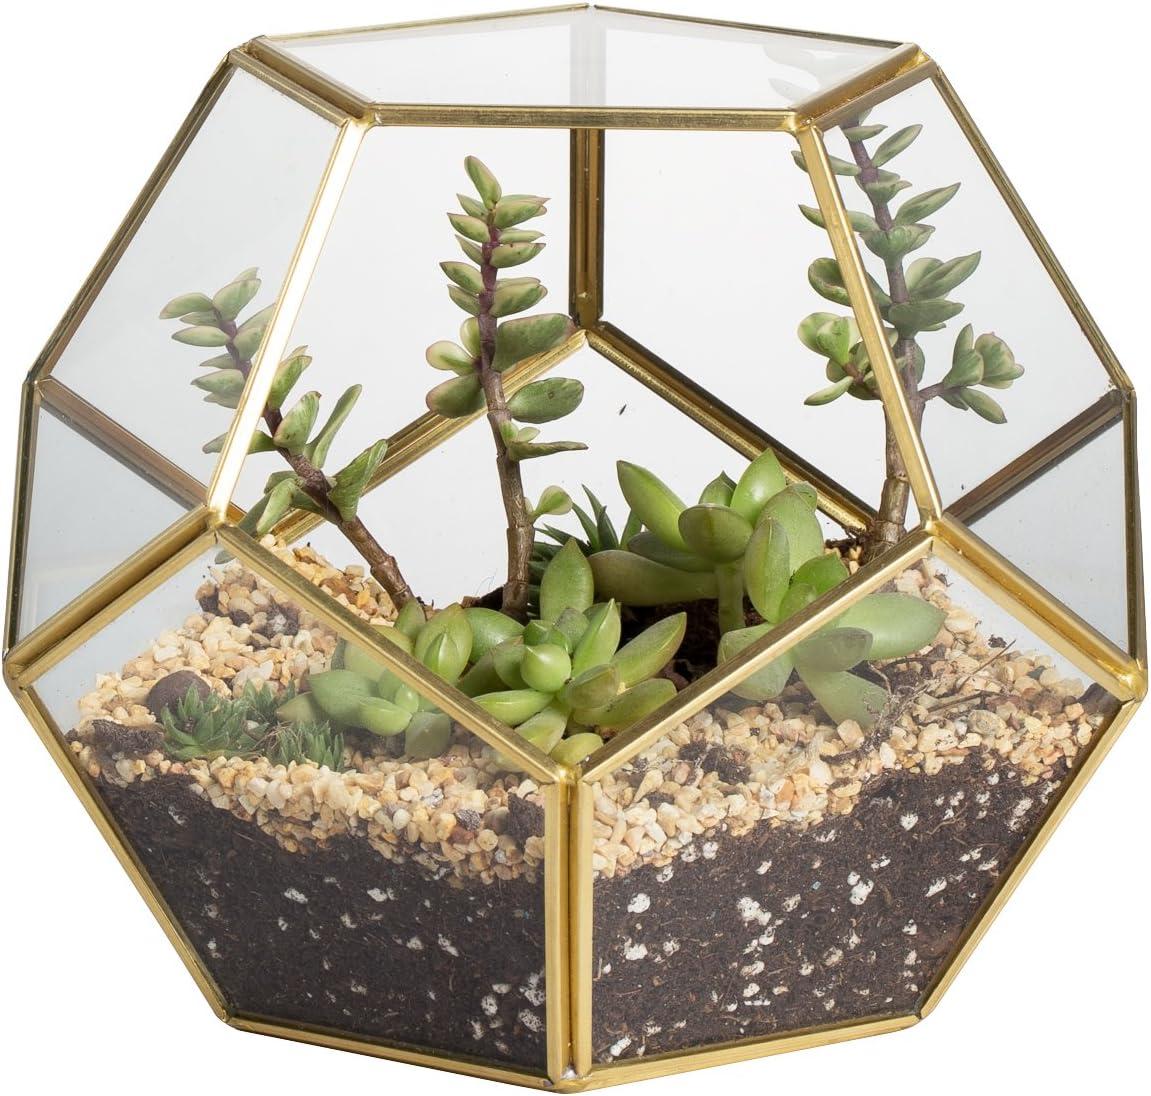 NCYP Terrarium en forme de dodécaèdre et plaques de verre pentagonales pour plante Transparent gold copper transparent Pas de plantes